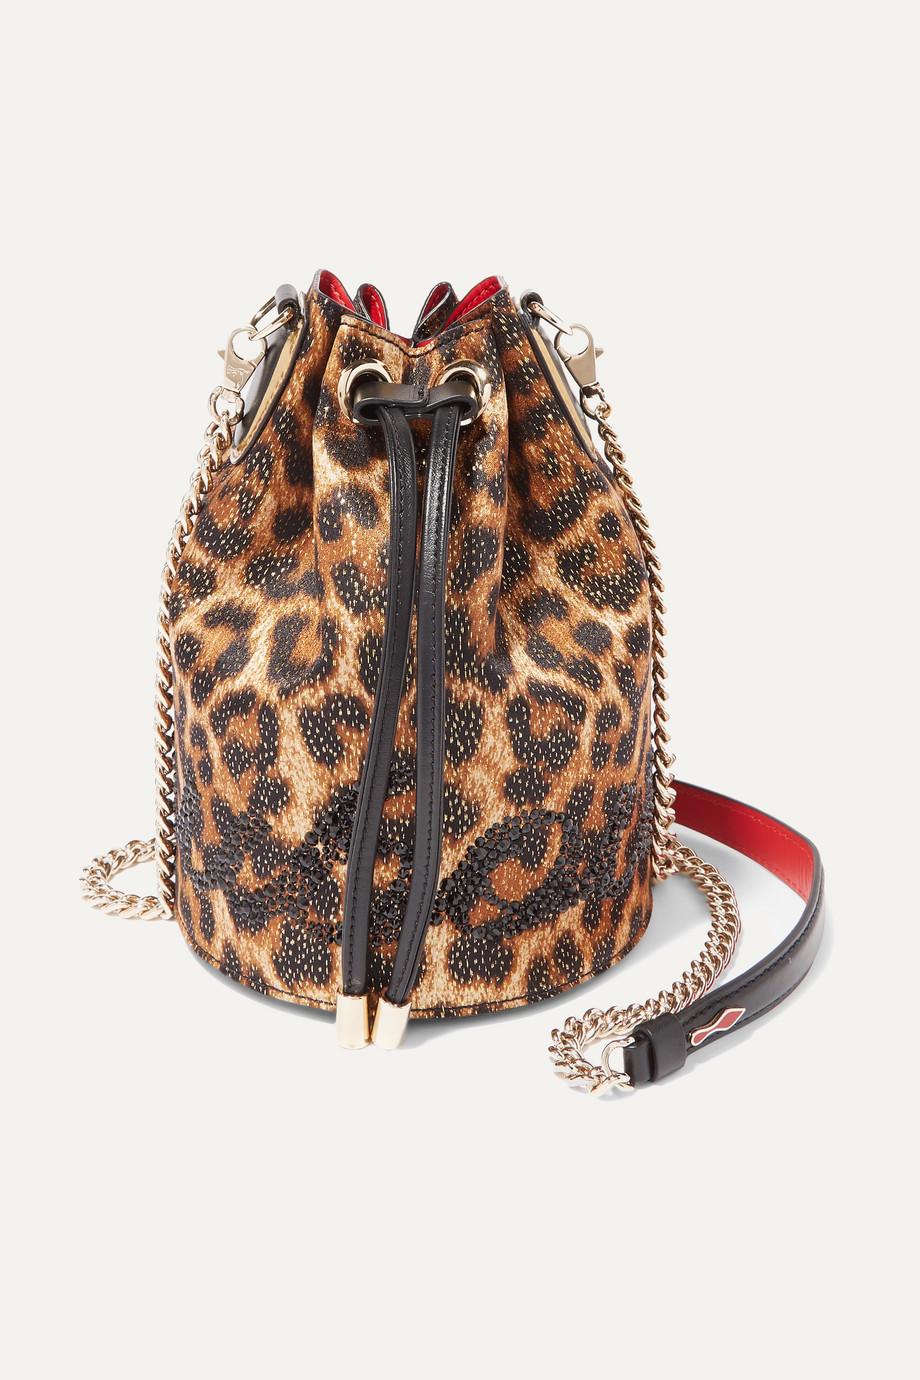 Christian Louboutin Sac seau en Lurex à imprimé léopard et en cuir à ornements Marie Jane